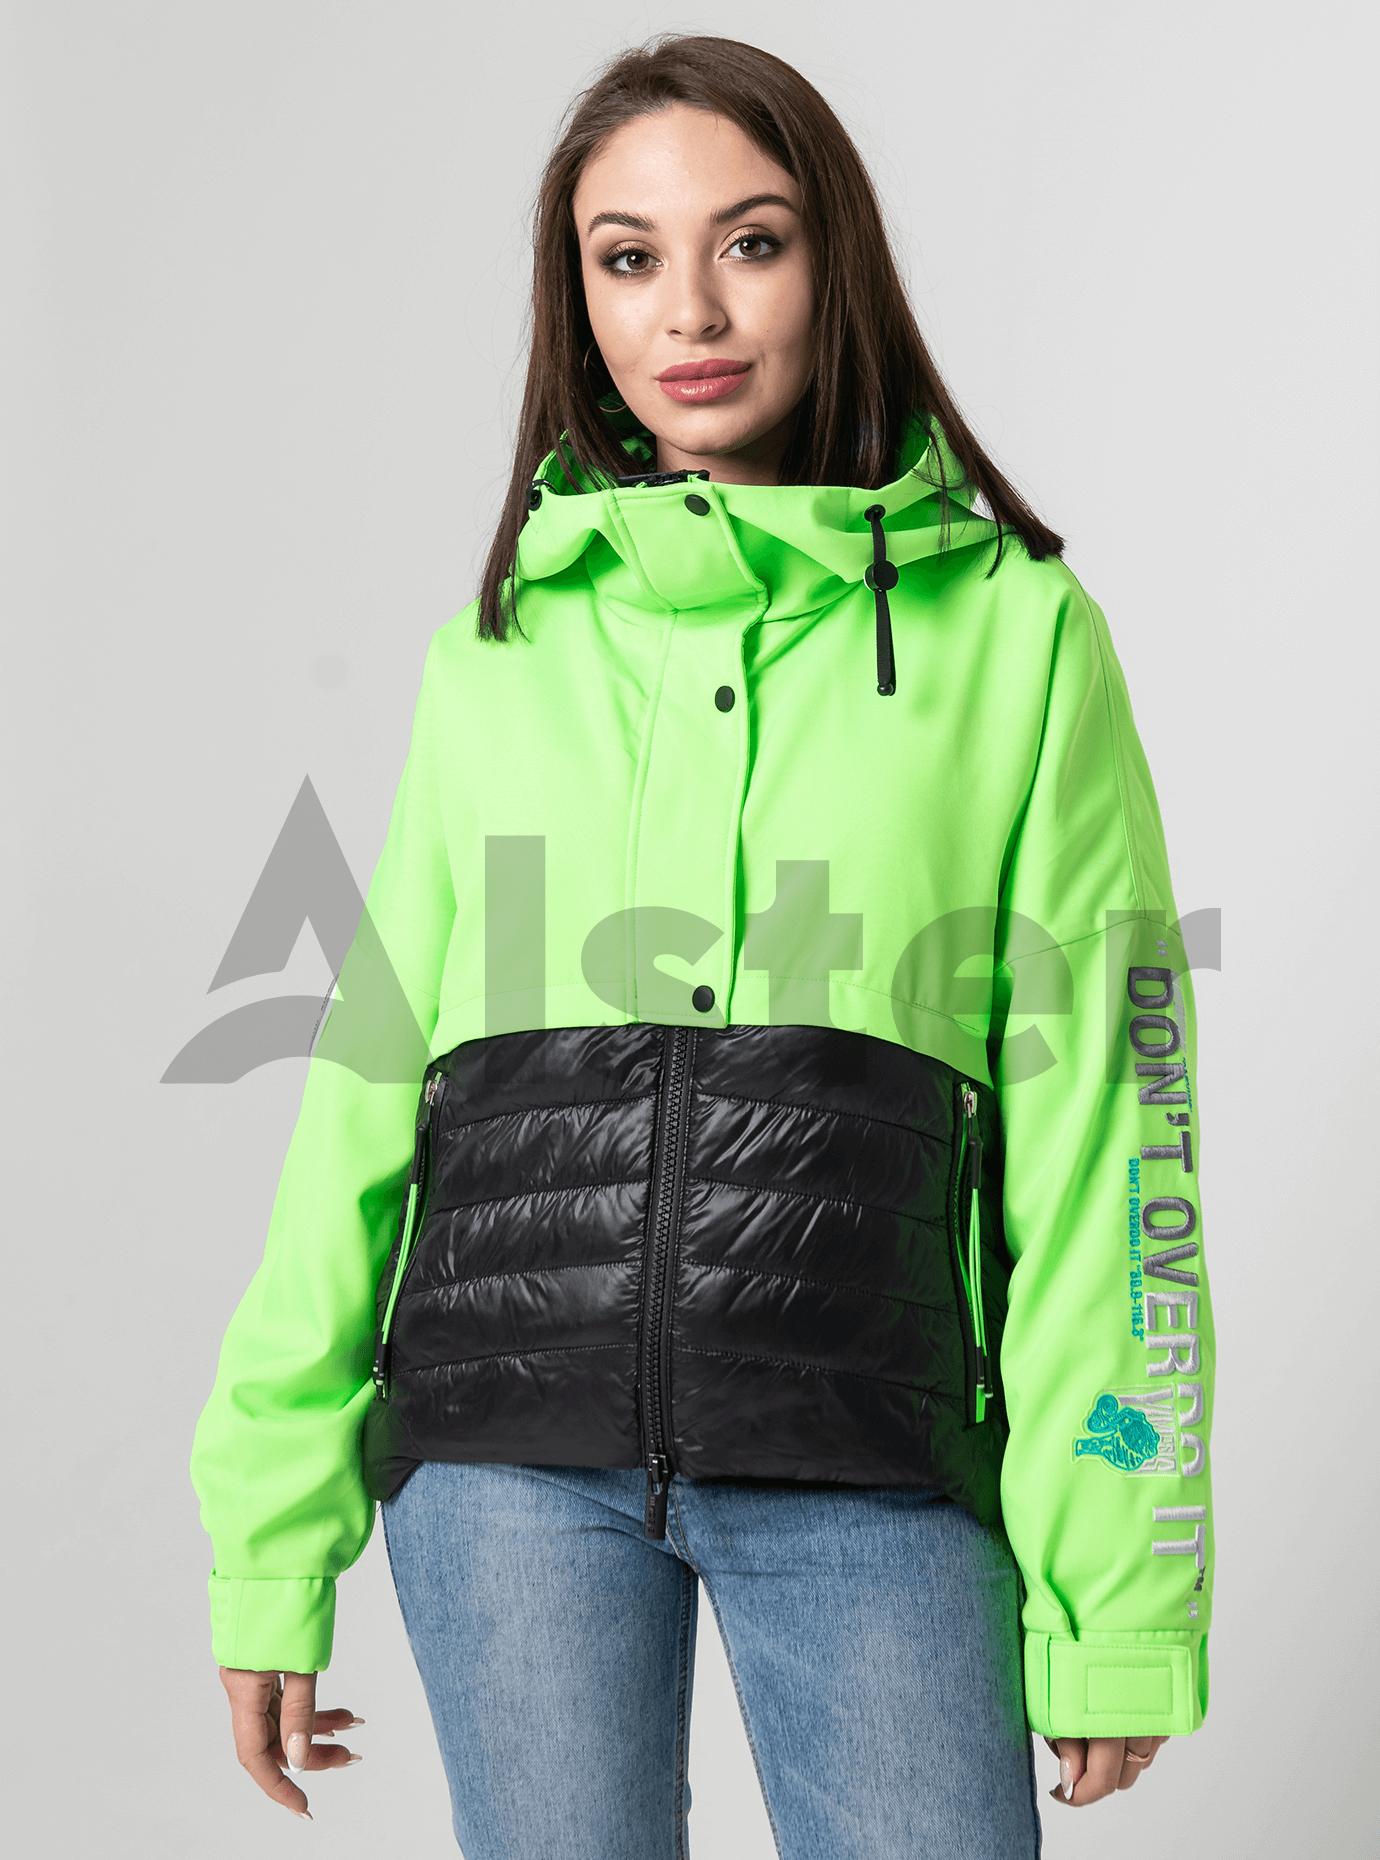 Куртка демисезонная со вставкой Зелёный S (02-Y191083): фото - Alster.ua